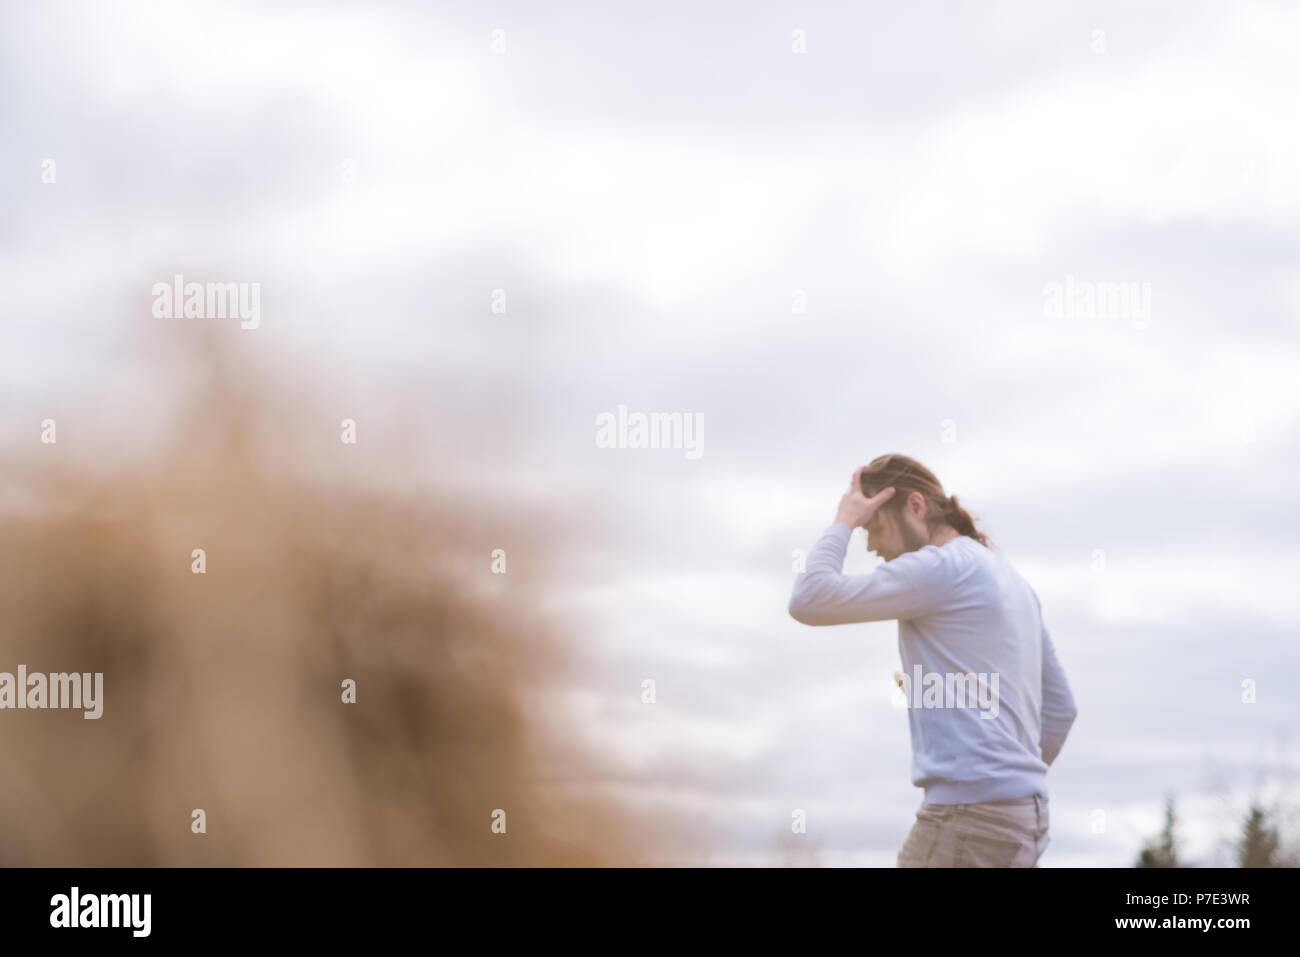 El hombre con la mano sobre la frente de jardinería Imagen De Stock